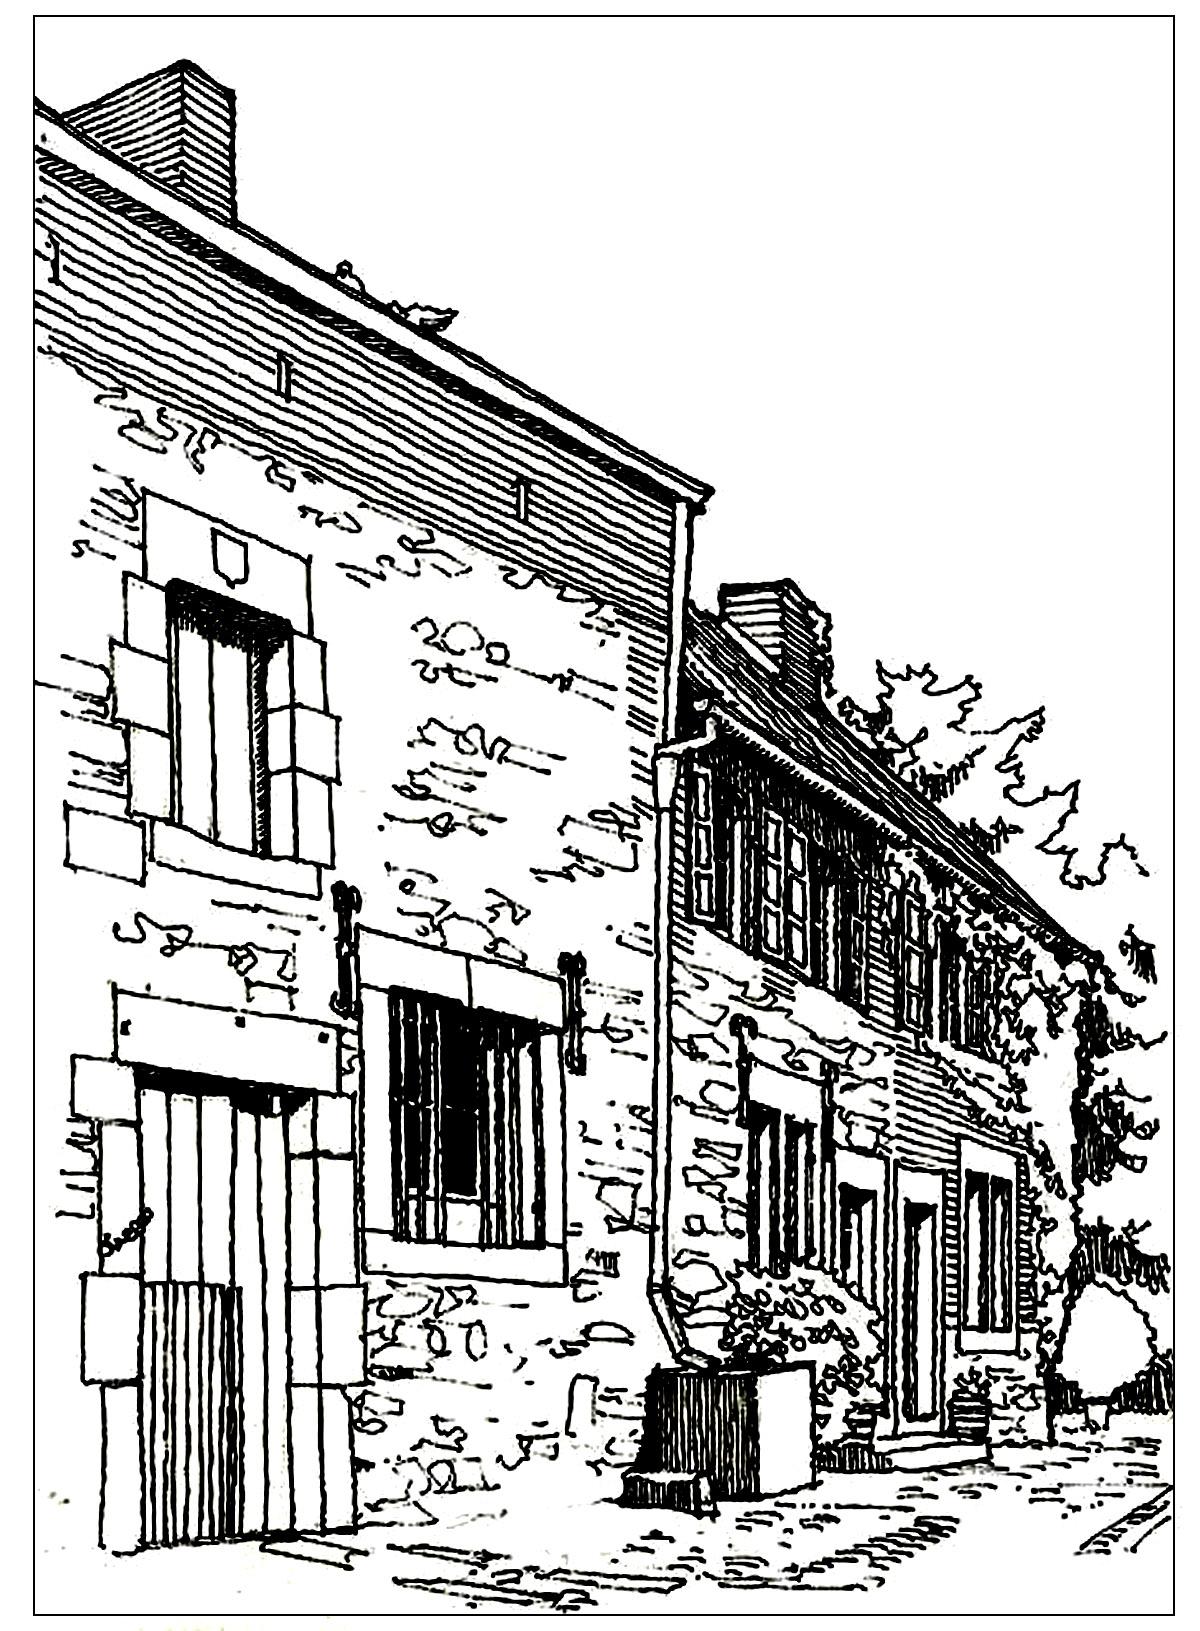 Disegni da colorare per adulti : Architettura & casa - 30